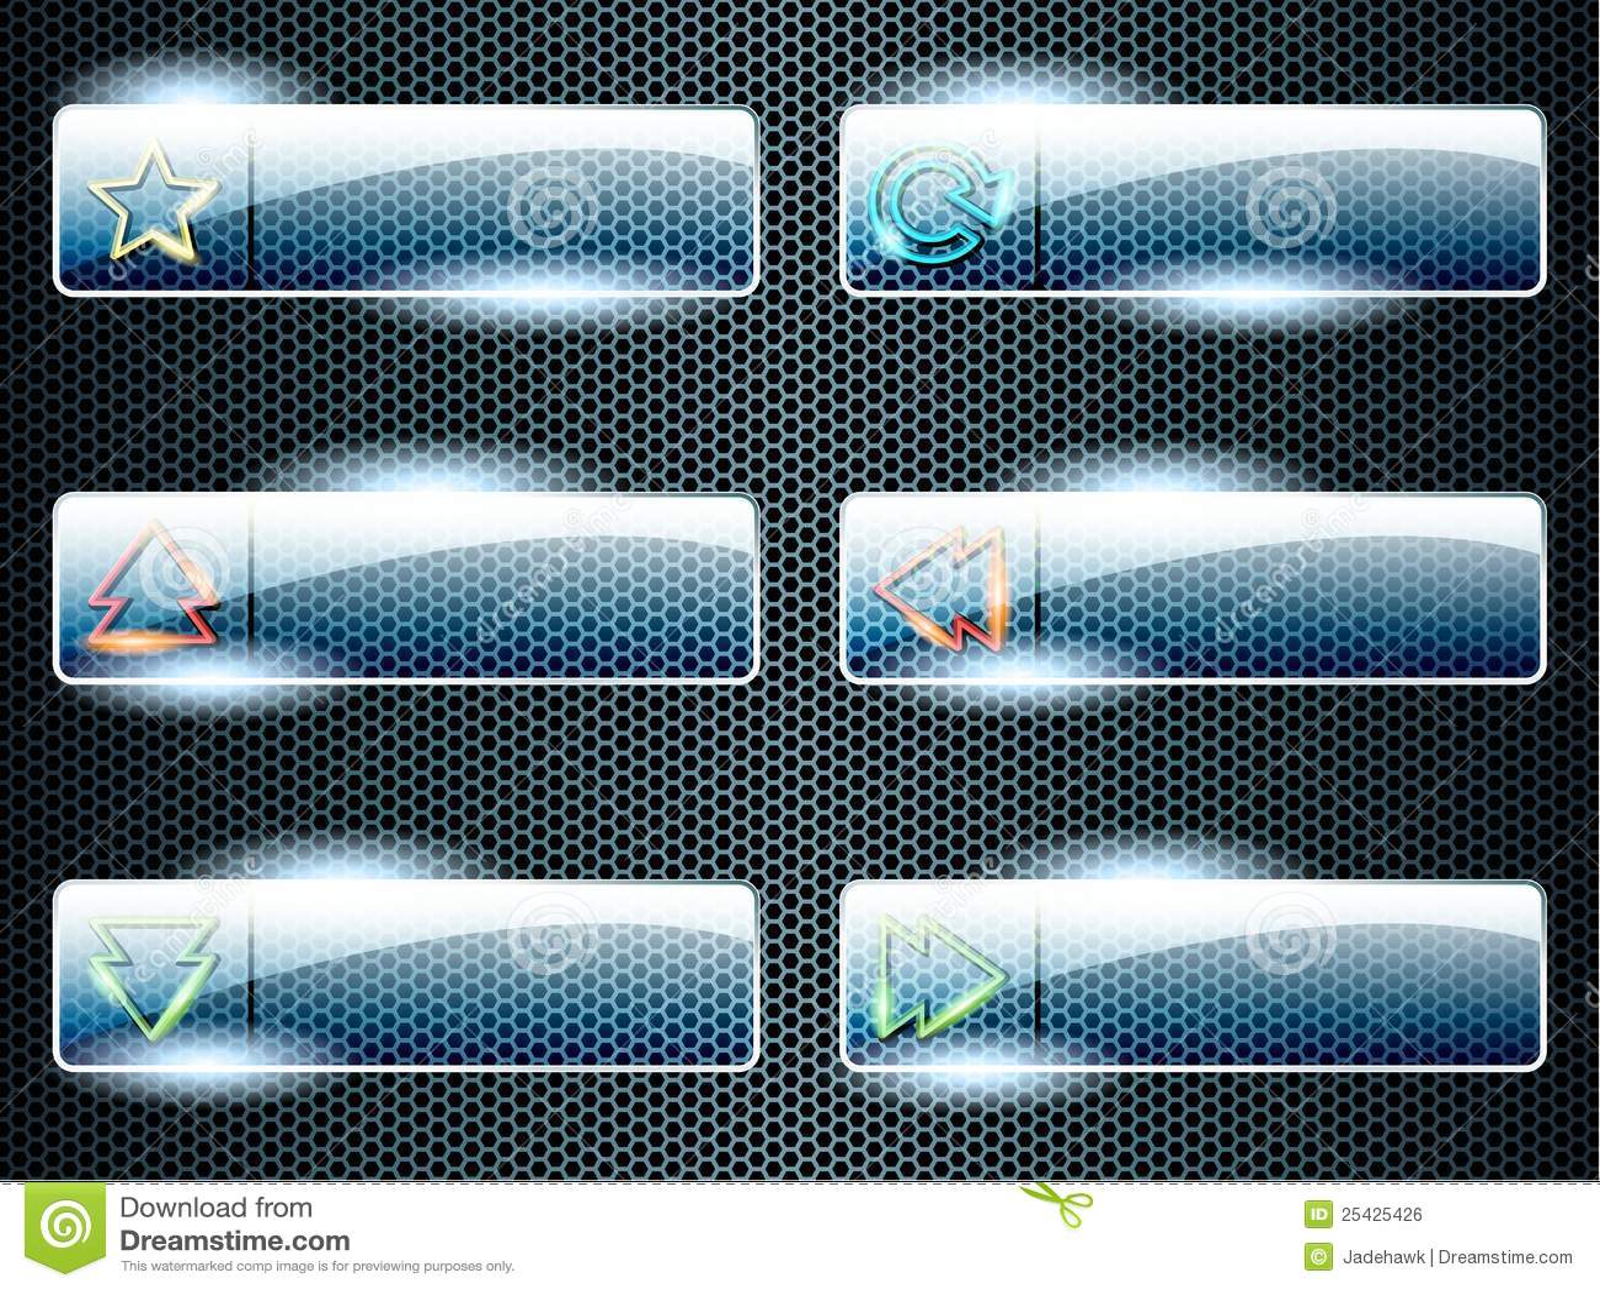 Boutons en verre transparents rectangulaires